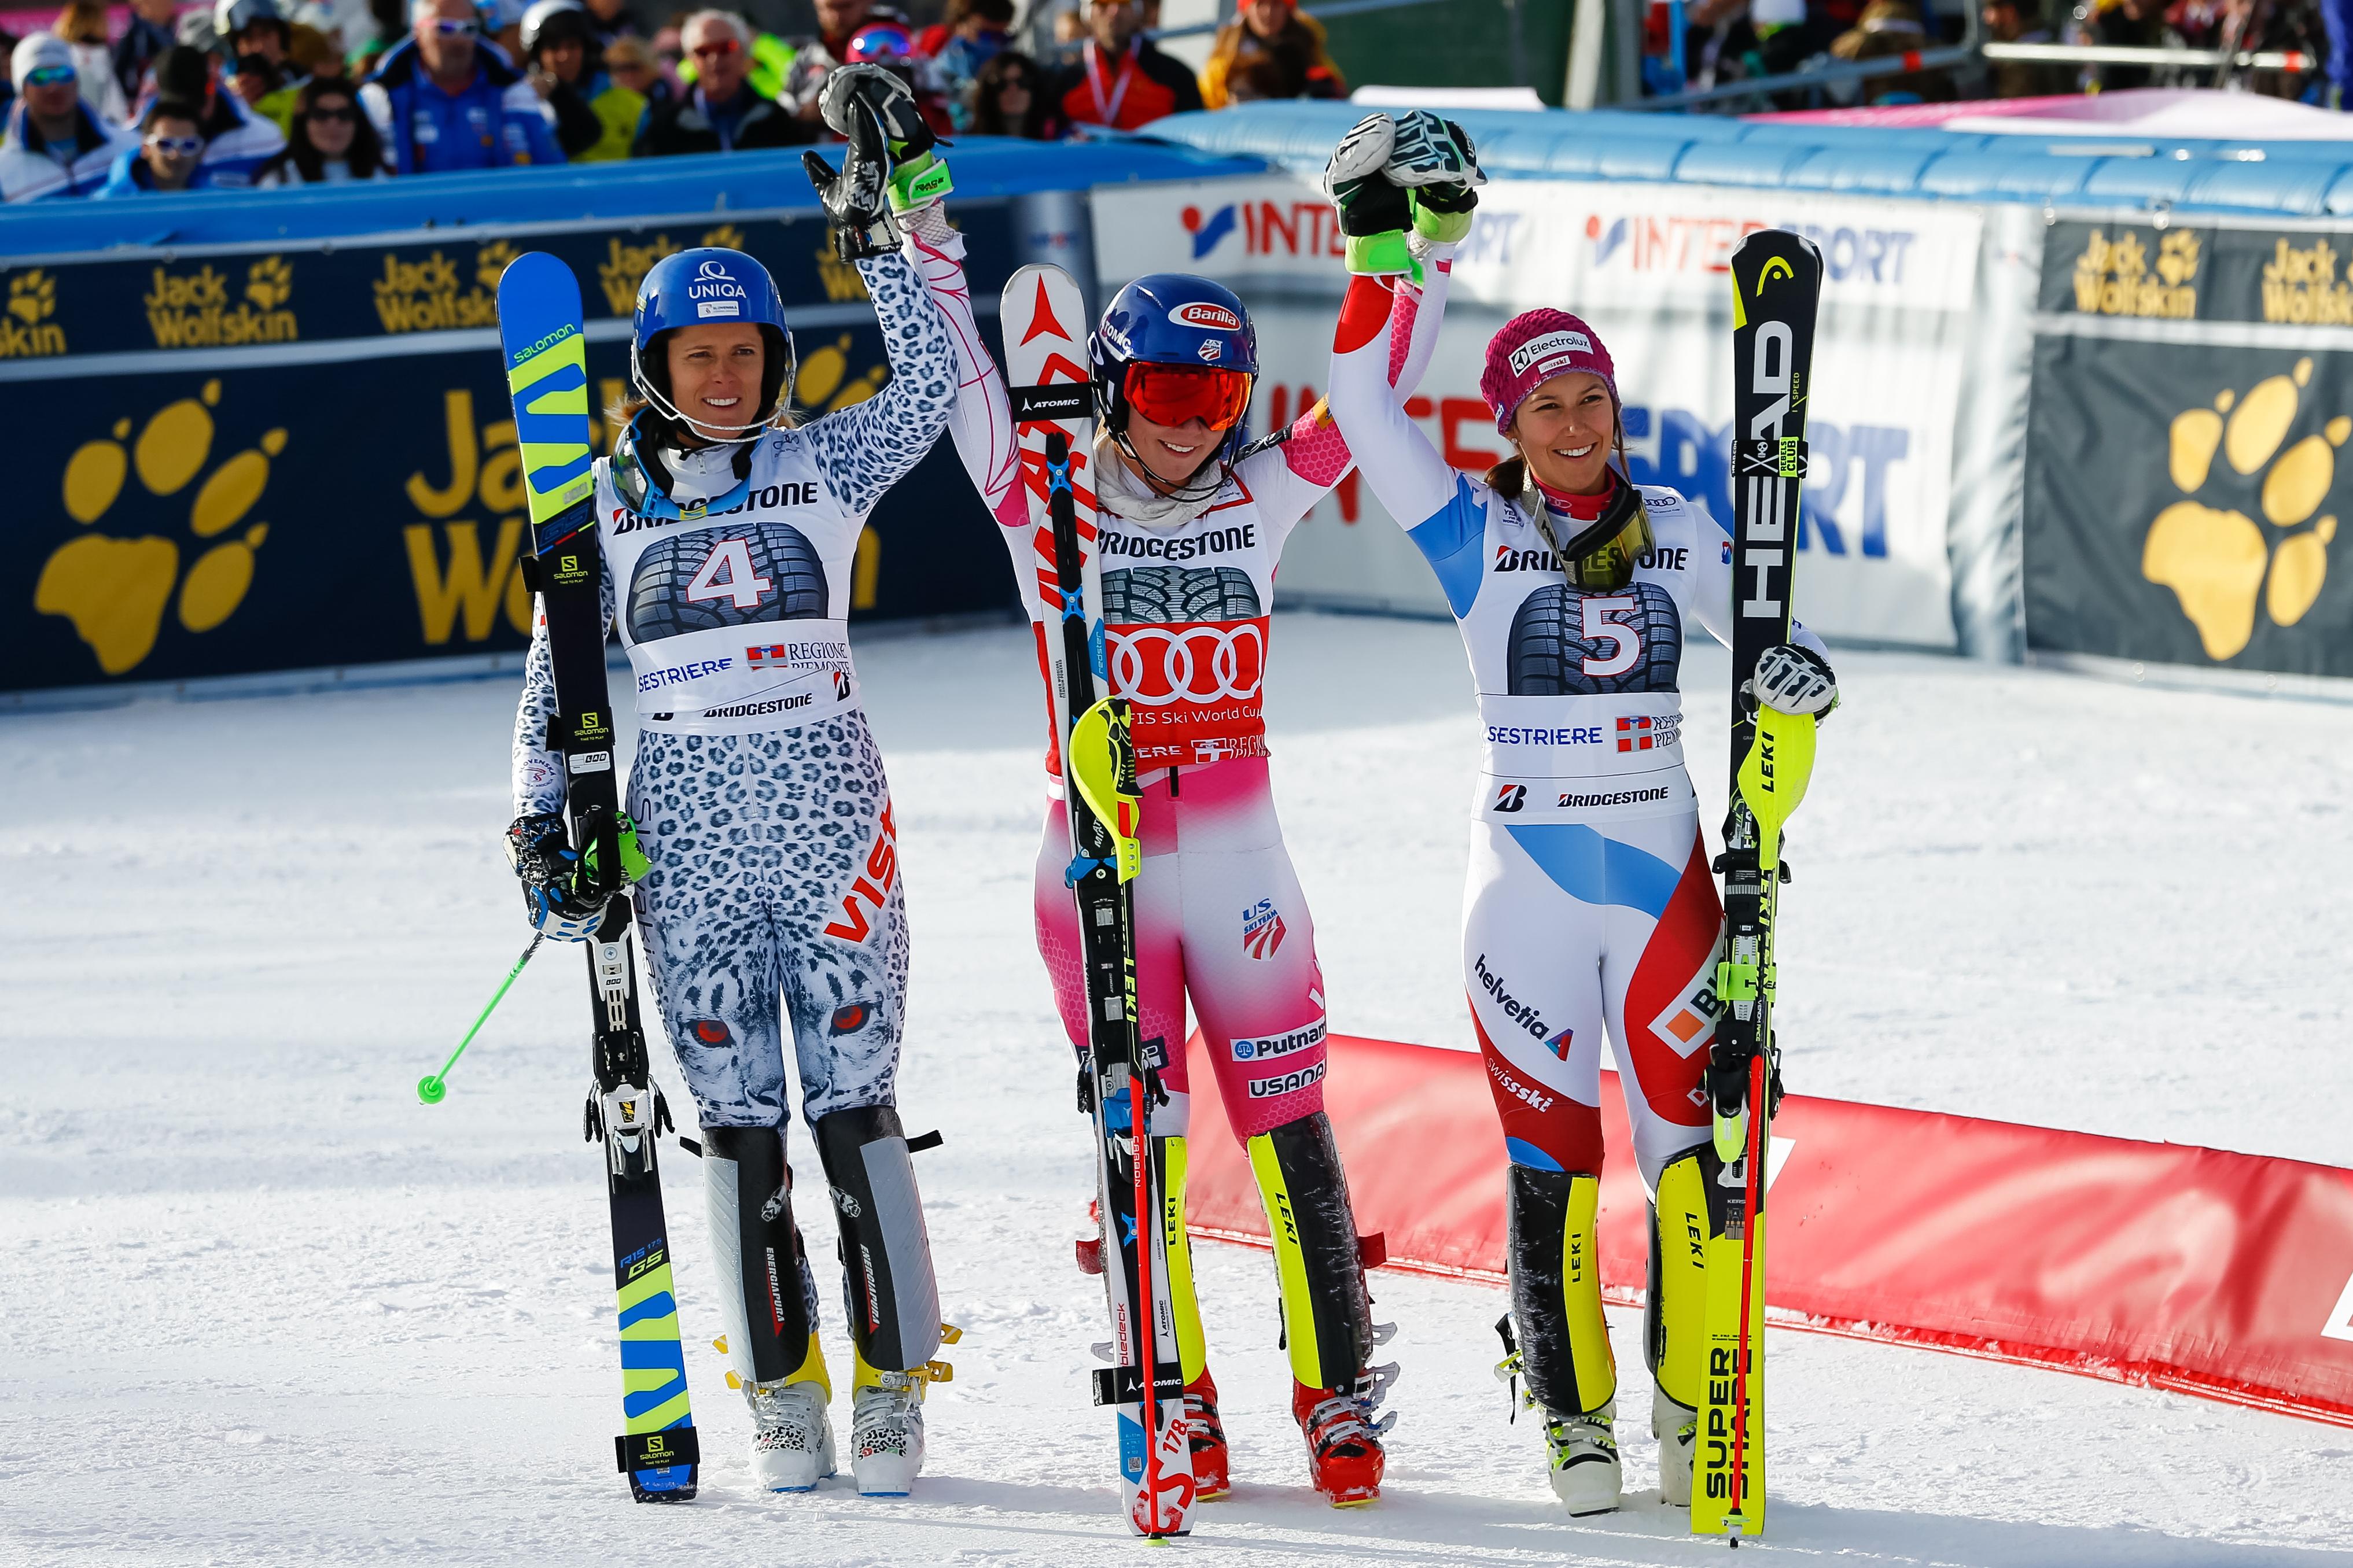 Il podio dello slalom ©Agence Zoom